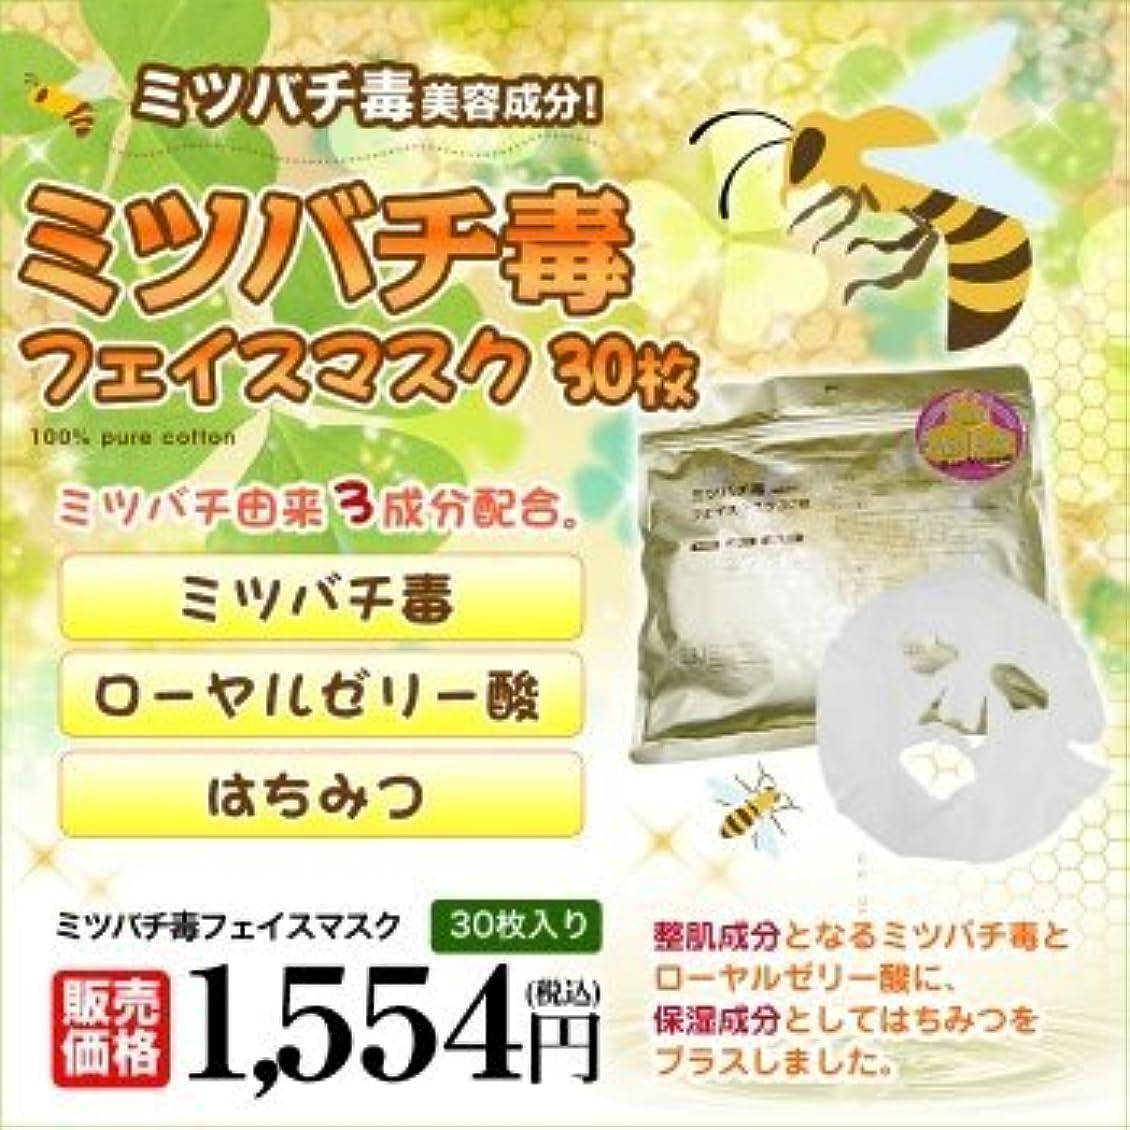 ゴージャス早める検出するミツバチ毒フェイスマスク 30枚 3個セット ※整肌成分となるミツバチ毒とローヤルゼリー酸に、保湿成分としてはちみつをプラスしました!